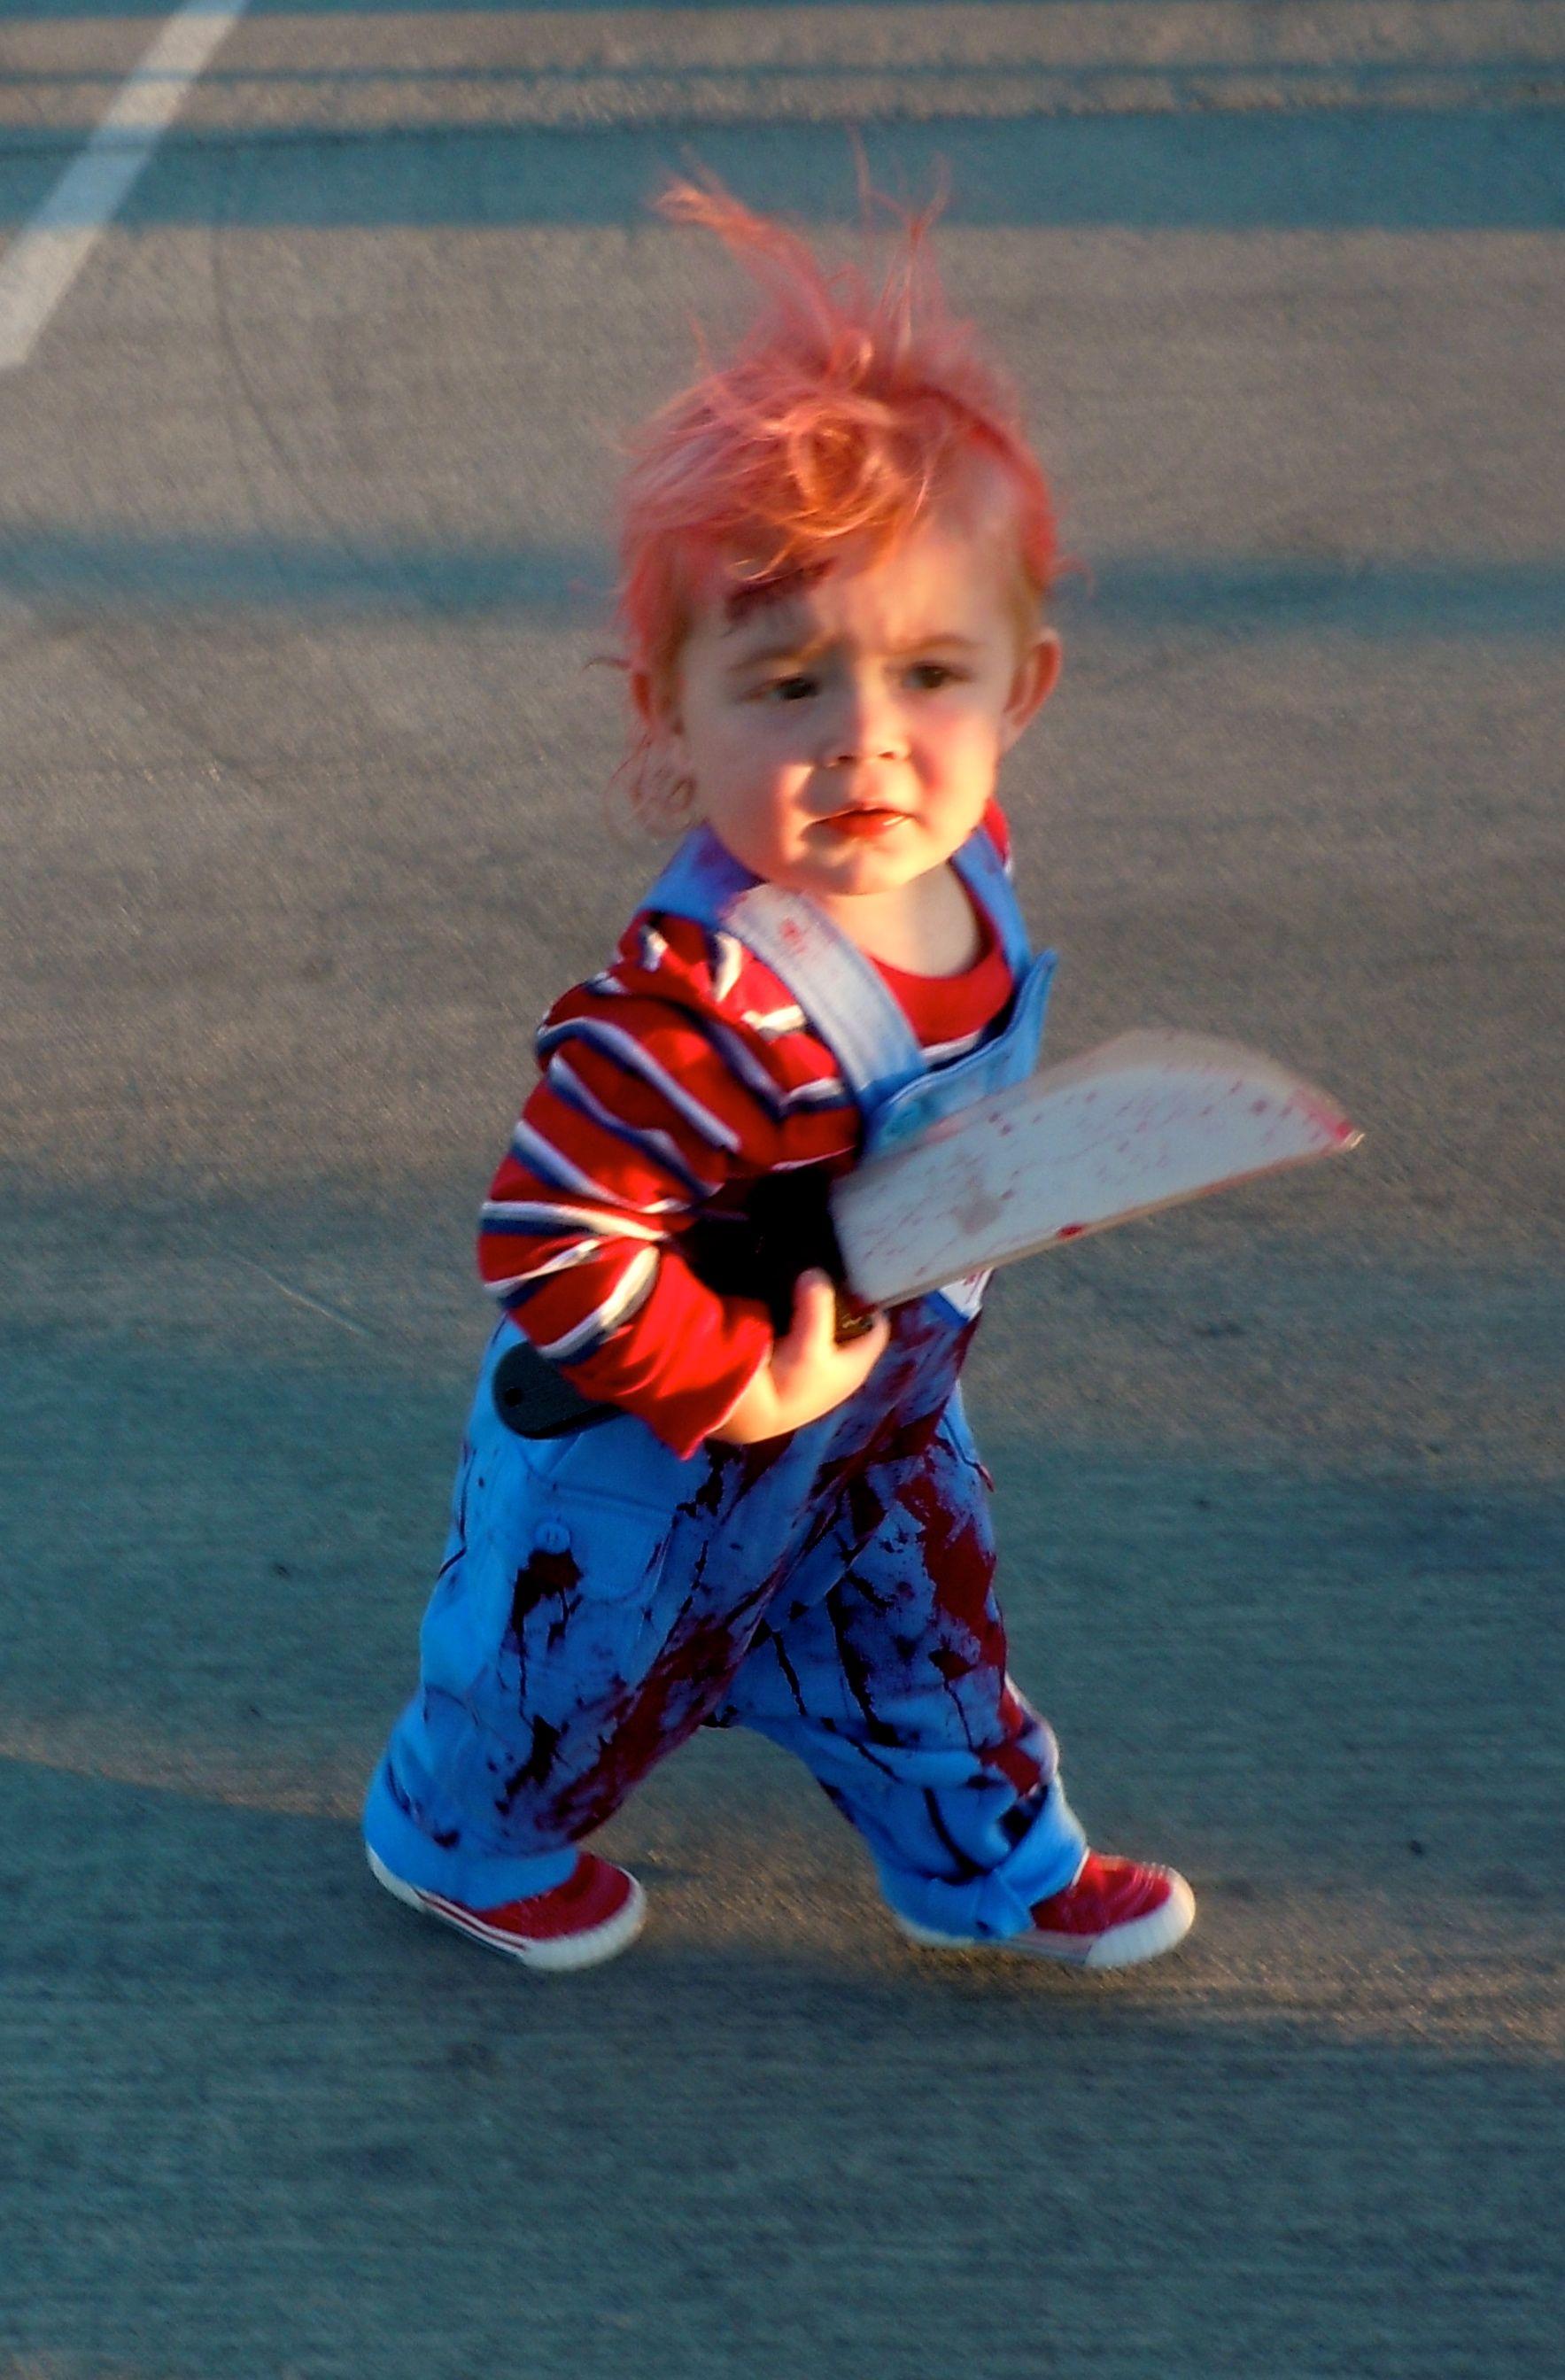 Scary Little Chucky Kids Halloween Costume Halloween